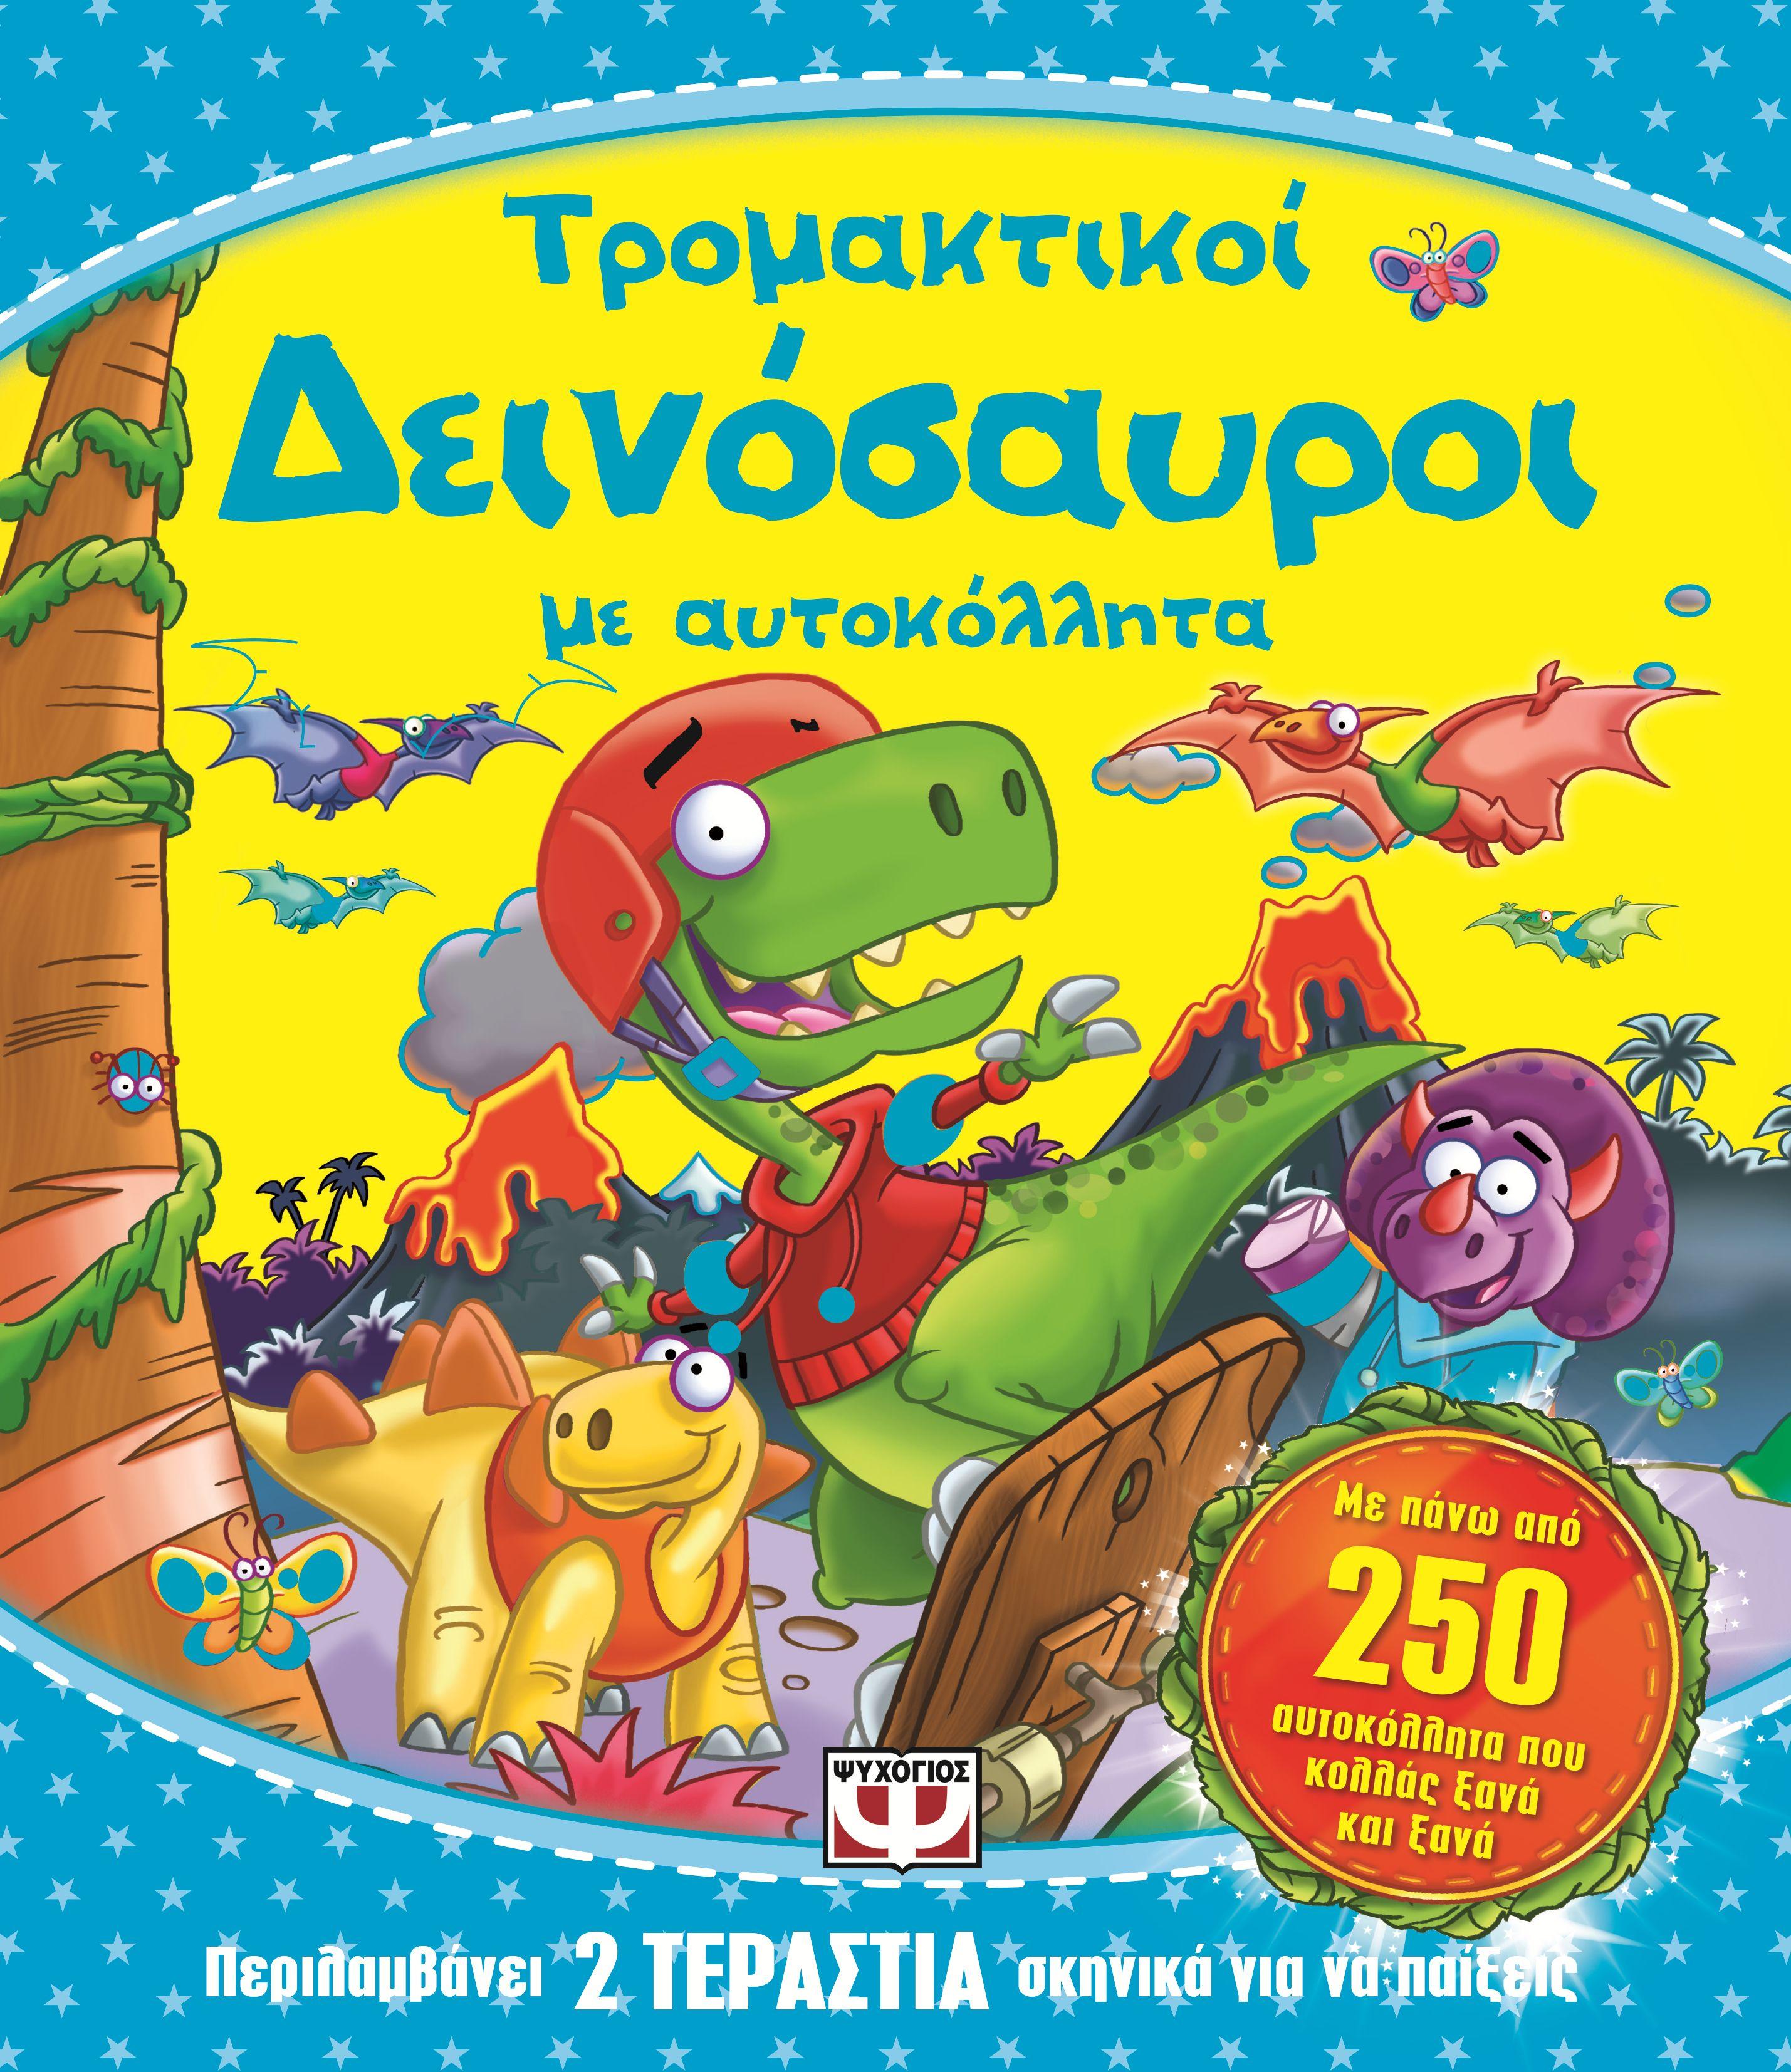 Τρομακτικοί Δεινόσαυροι Με Αυτοκόλλητα